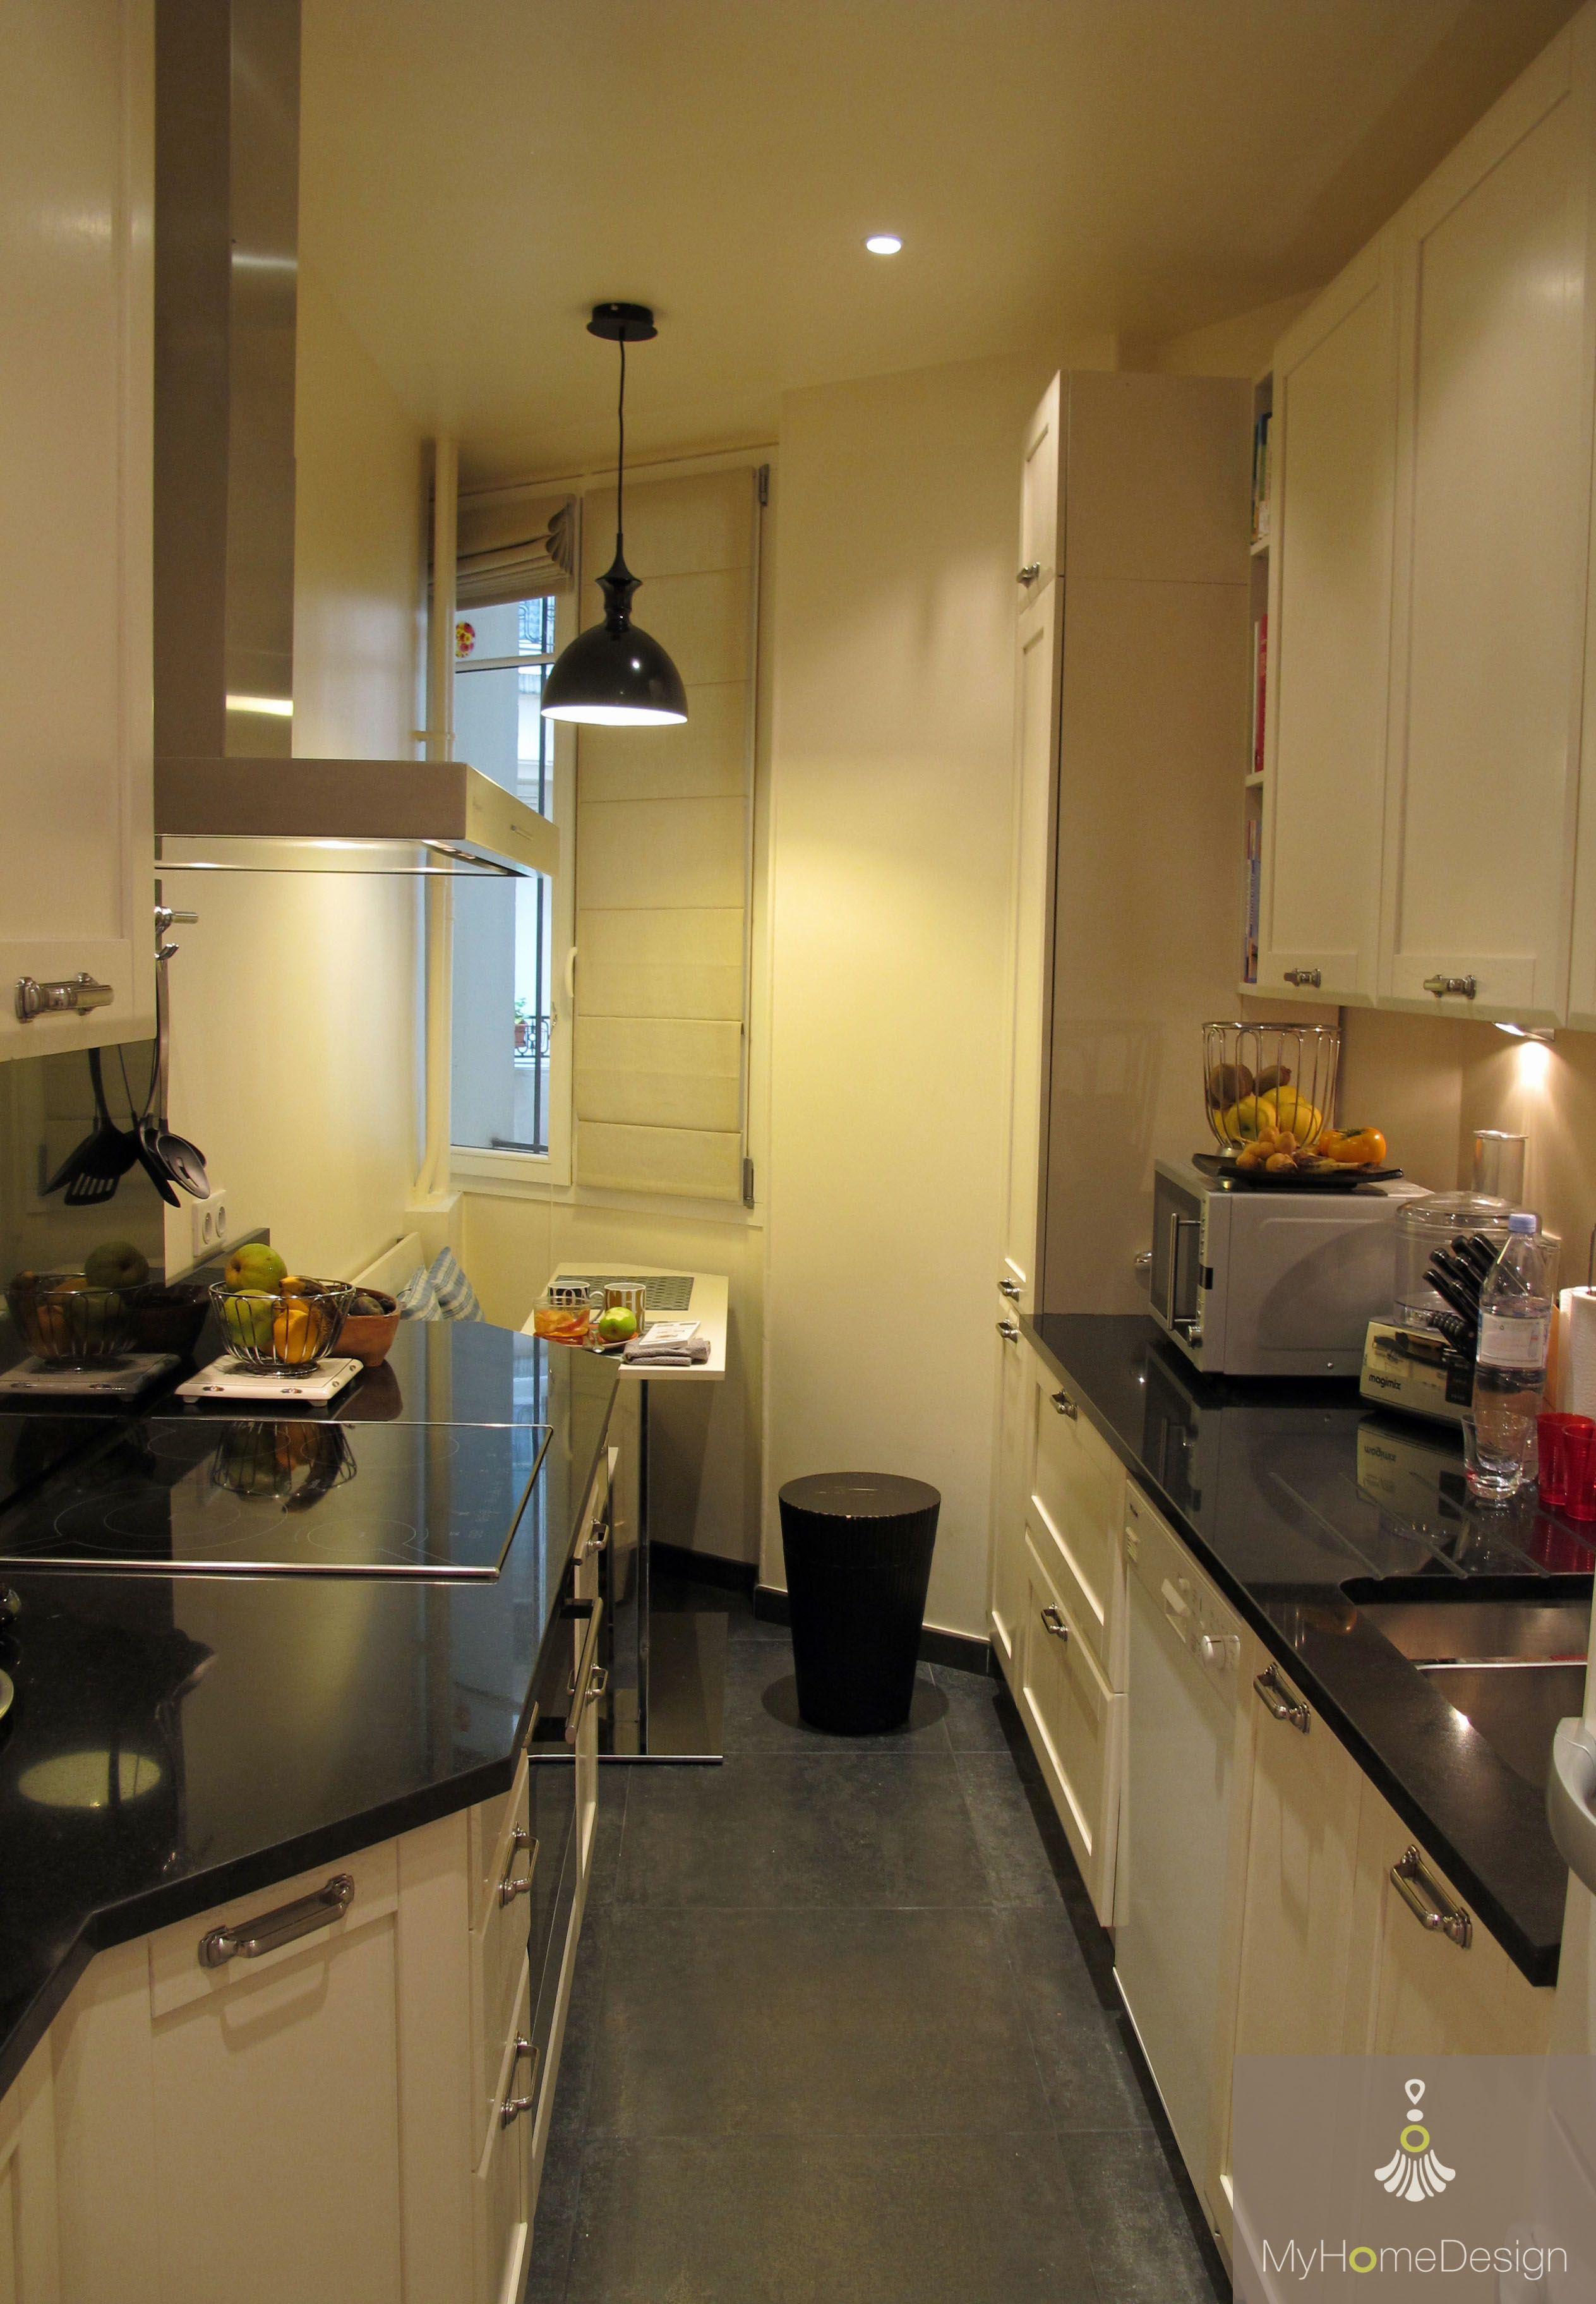 autant de fonctions dans une si petite cuisine presque un miracle cuisine tr s troite avec. Black Bedroom Furniture Sets. Home Design Ideas